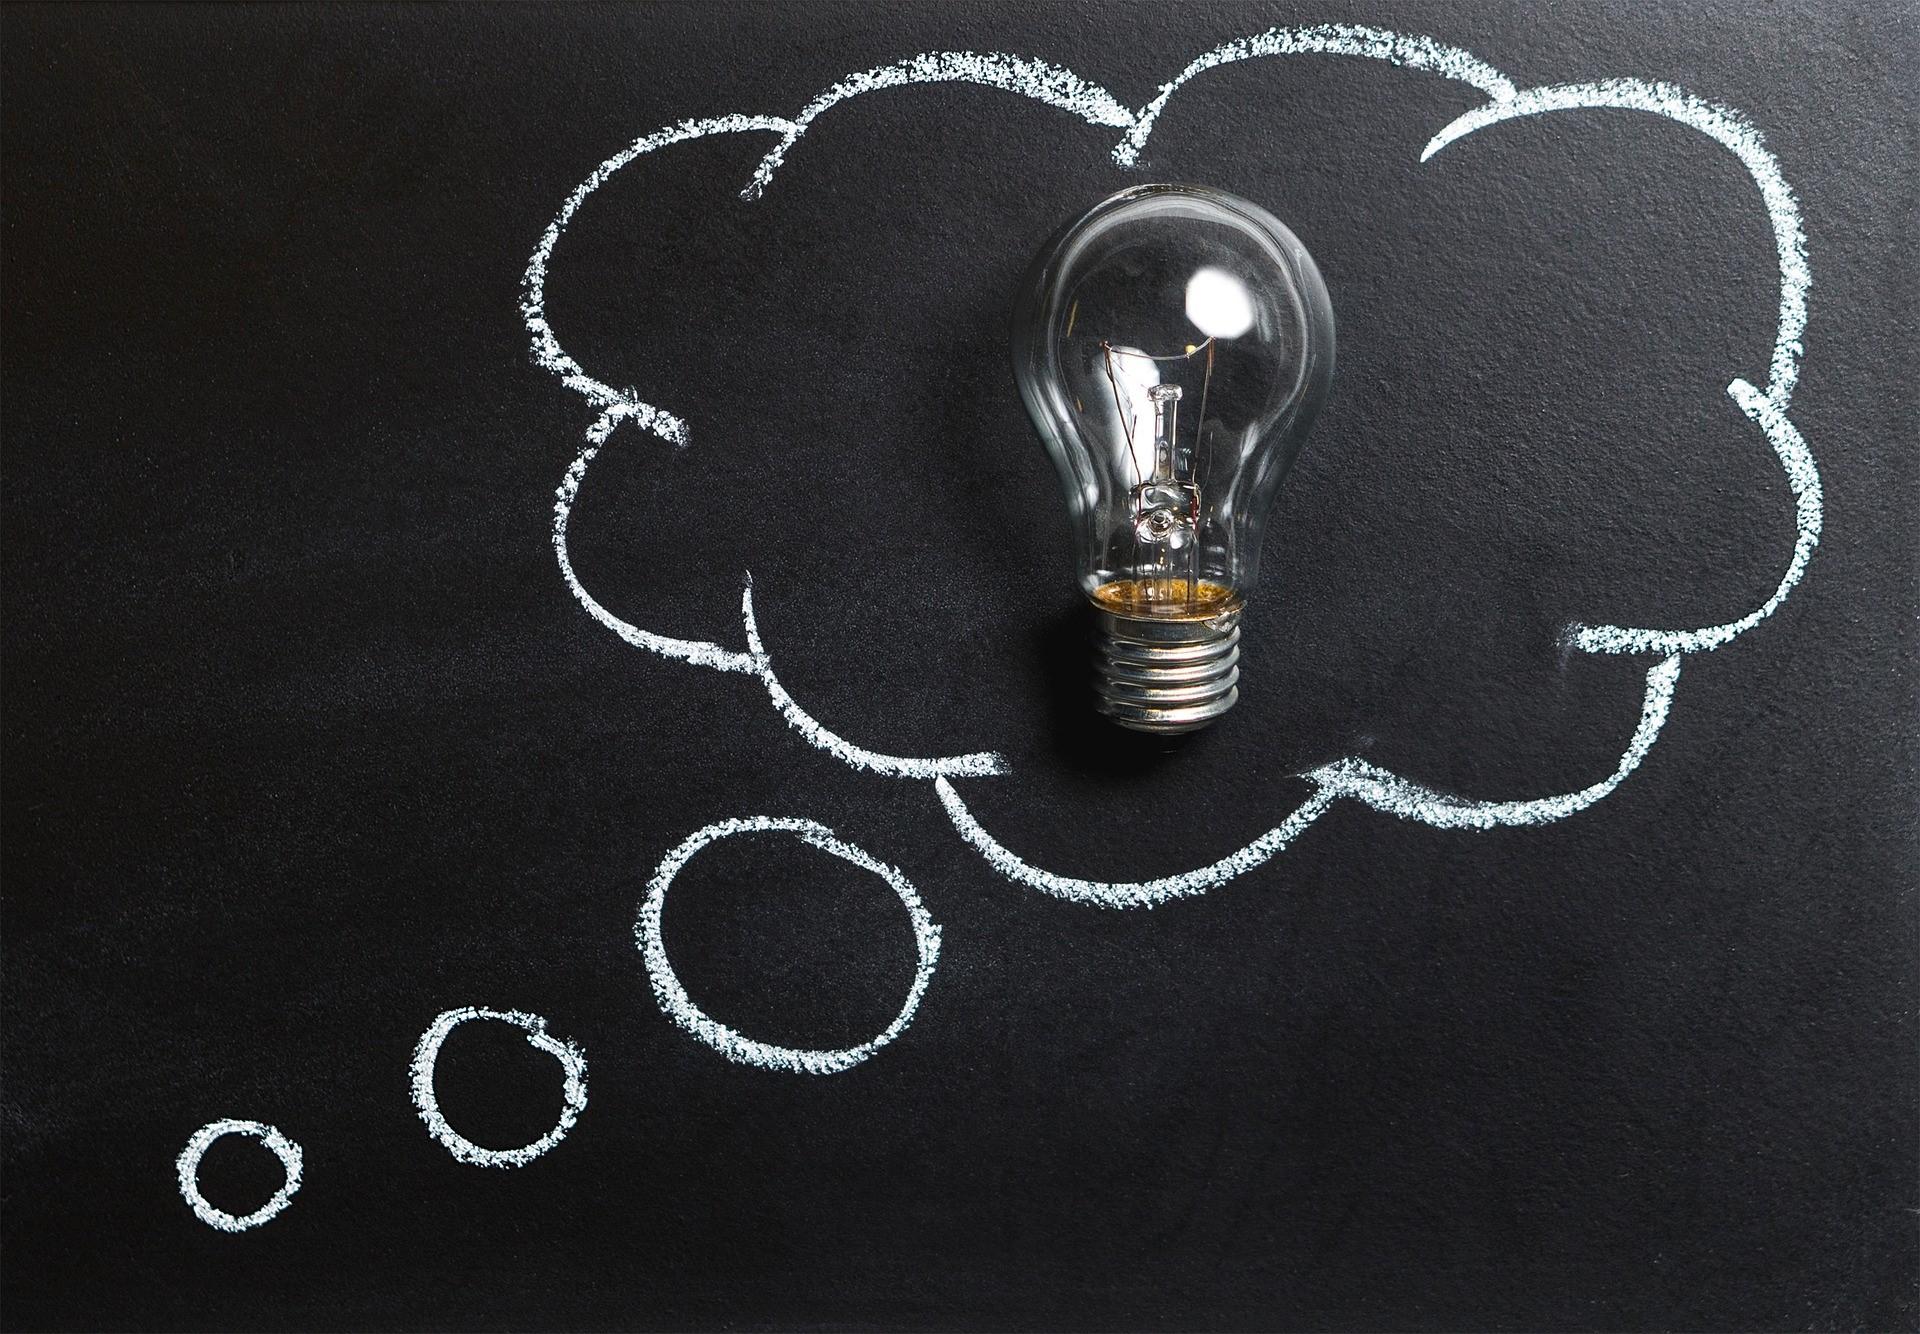 produktivní mysl